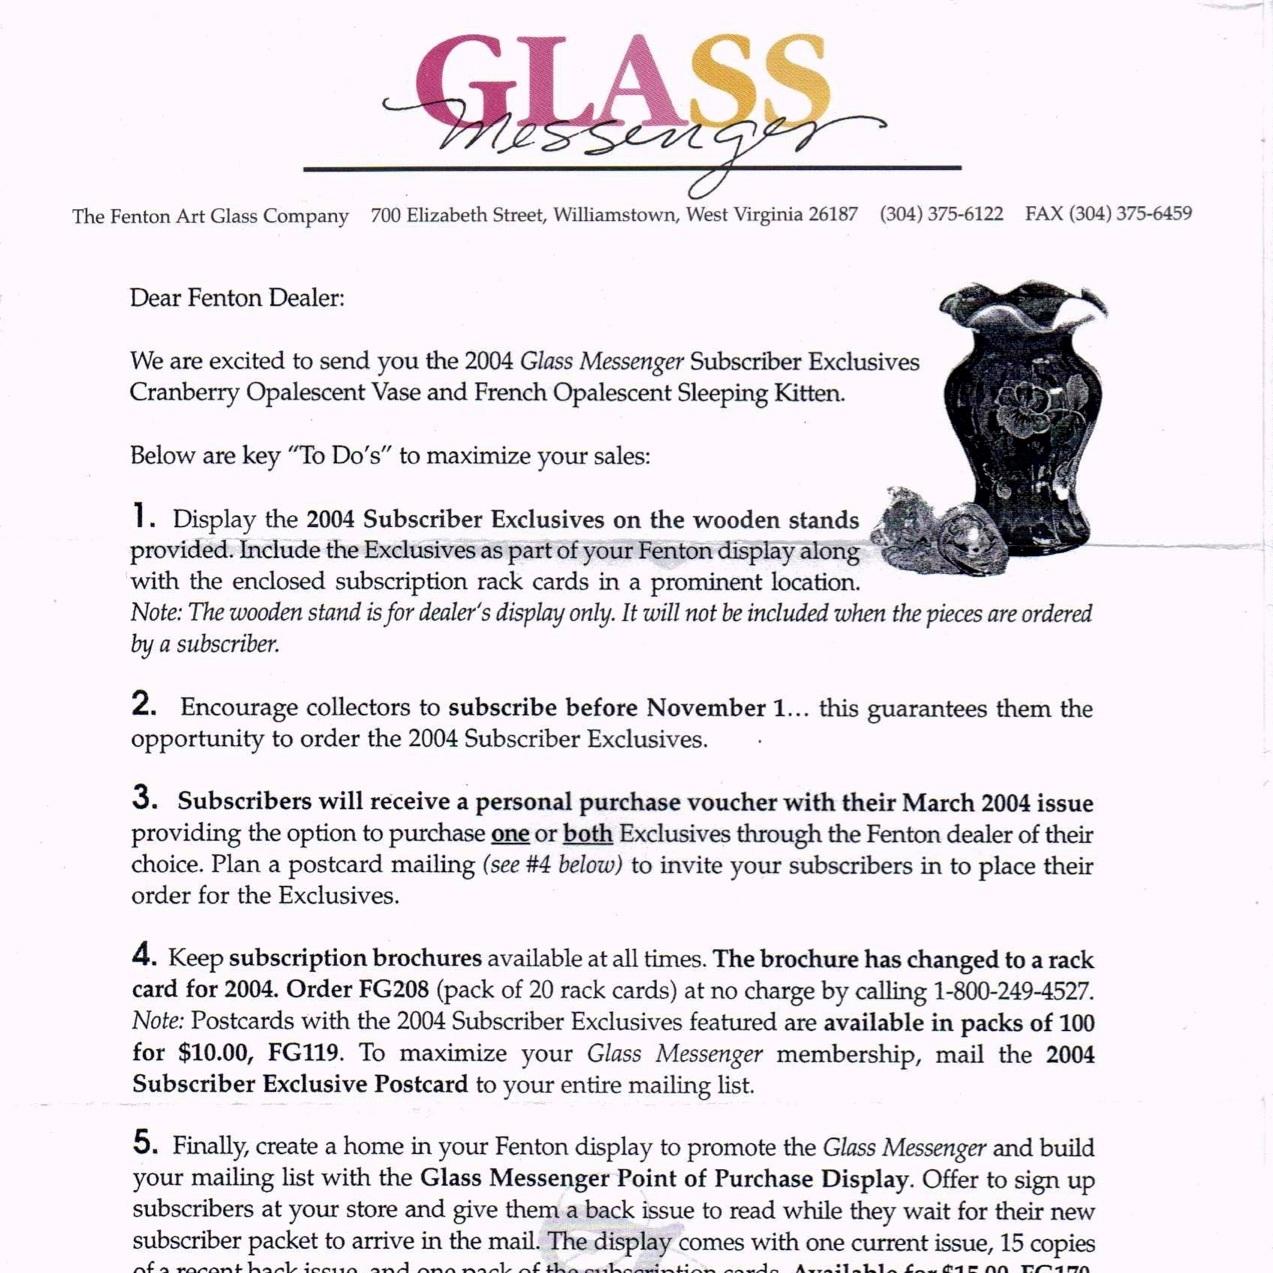 2004 Glass Messenger Letter